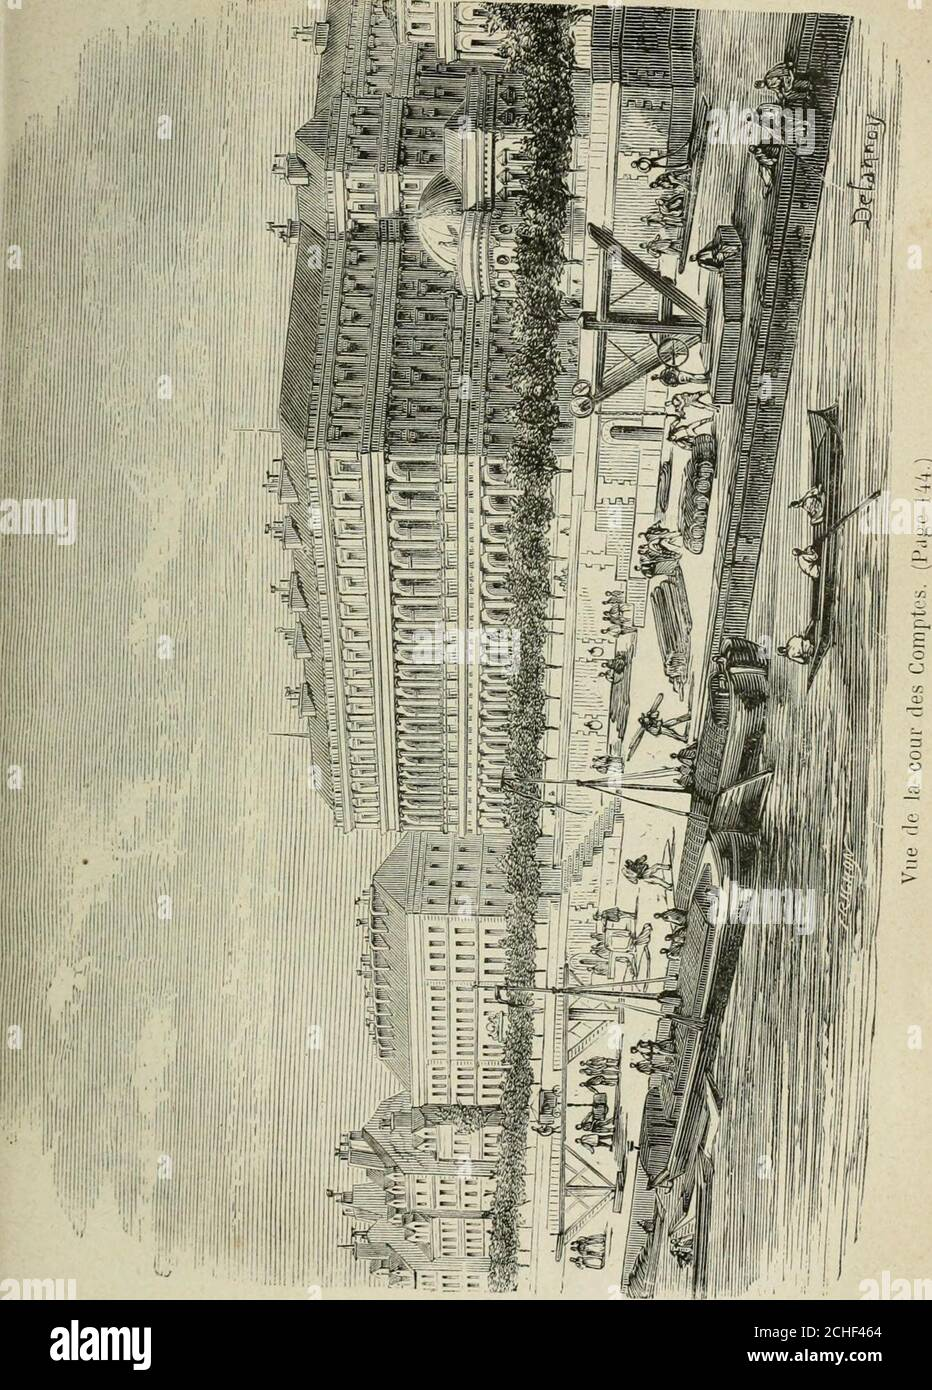 . Les merveilles du nouveau Paris-- presque contigu au palais du Grand Luxembourg. Le petitLuxembourg fut bâti en 1629, par Richelieu, pour lui servirde demeure en attendant que le Palais-Cardinal fût construit.Il communiquait autrefois au Grand Luxembourg par uncorps de bâtiment. CE fut là que le maréchal Ney attendit sacondamnation. Depuis, CE palais resta désert. The neut denouveaux hôtes quà la révolution de Juillet 1830 : lesministers de Charles X y furent enfermés avant le jugementde la Chambre. Puis vinrent Fieschi et ses complices;Alibaud et Meunier ; à loccasion du fameux procès répu Foto de stock